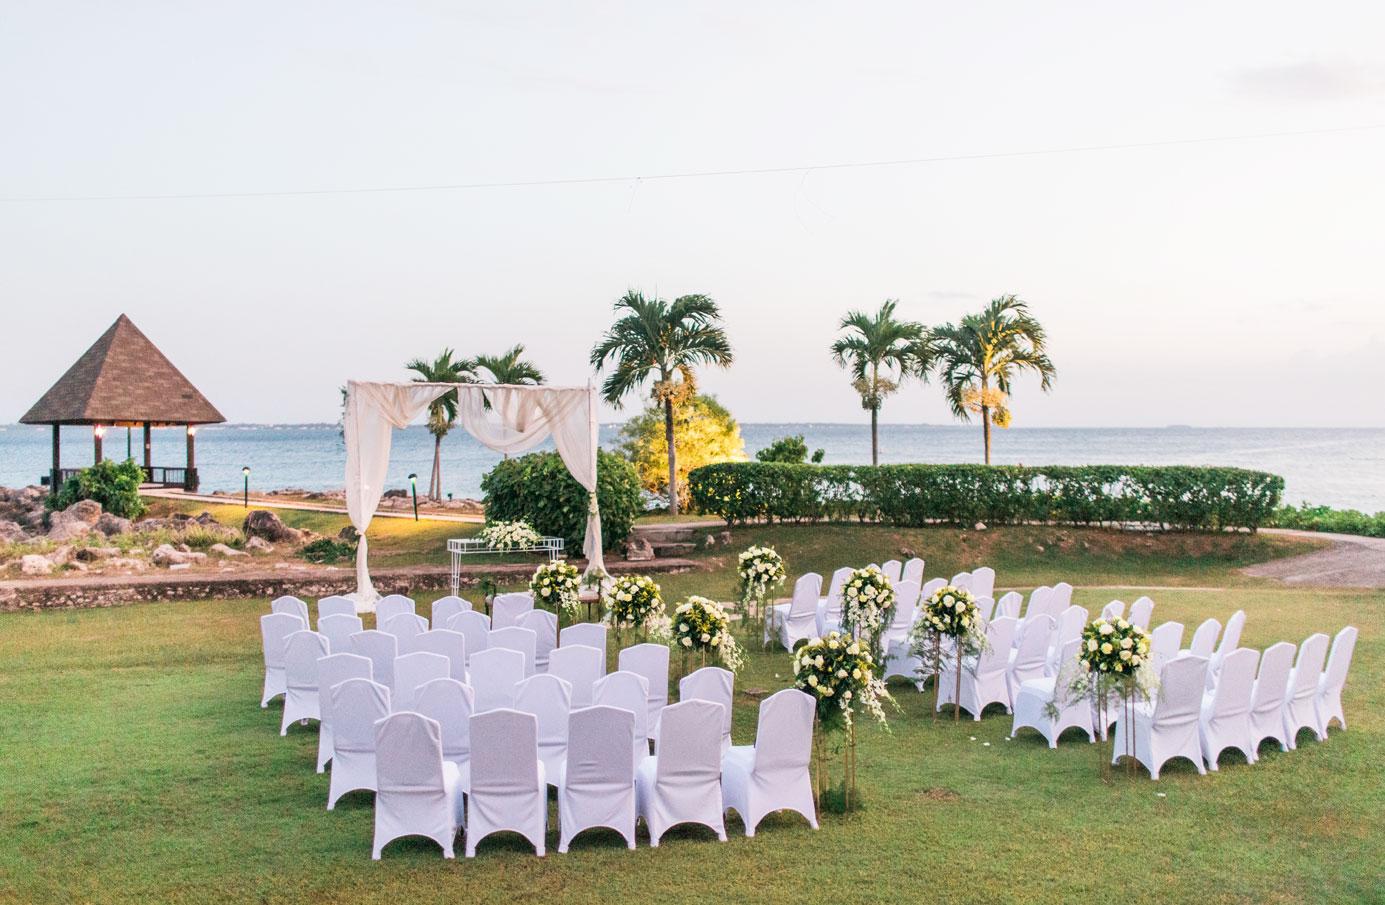 cebu-wedding-garden (2)